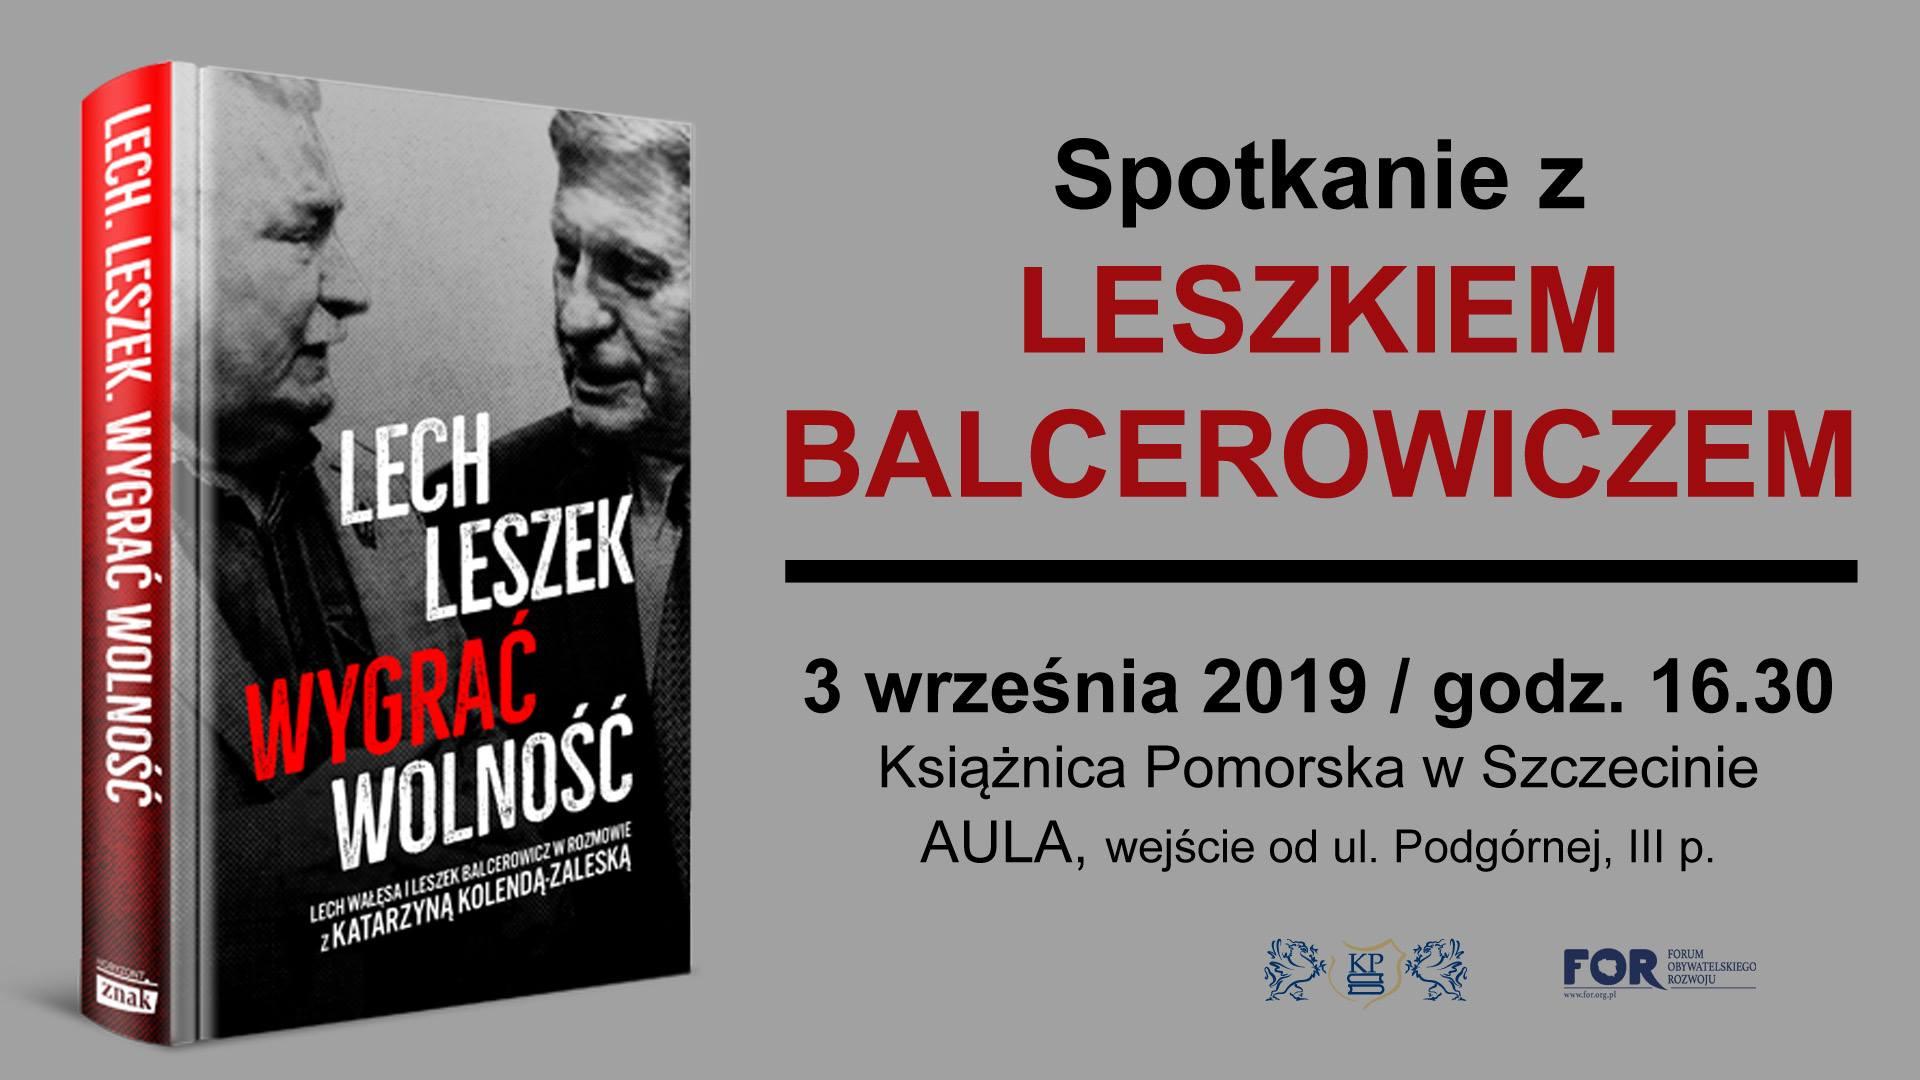 Spotkanie z Leszkiem Balcerowiczem